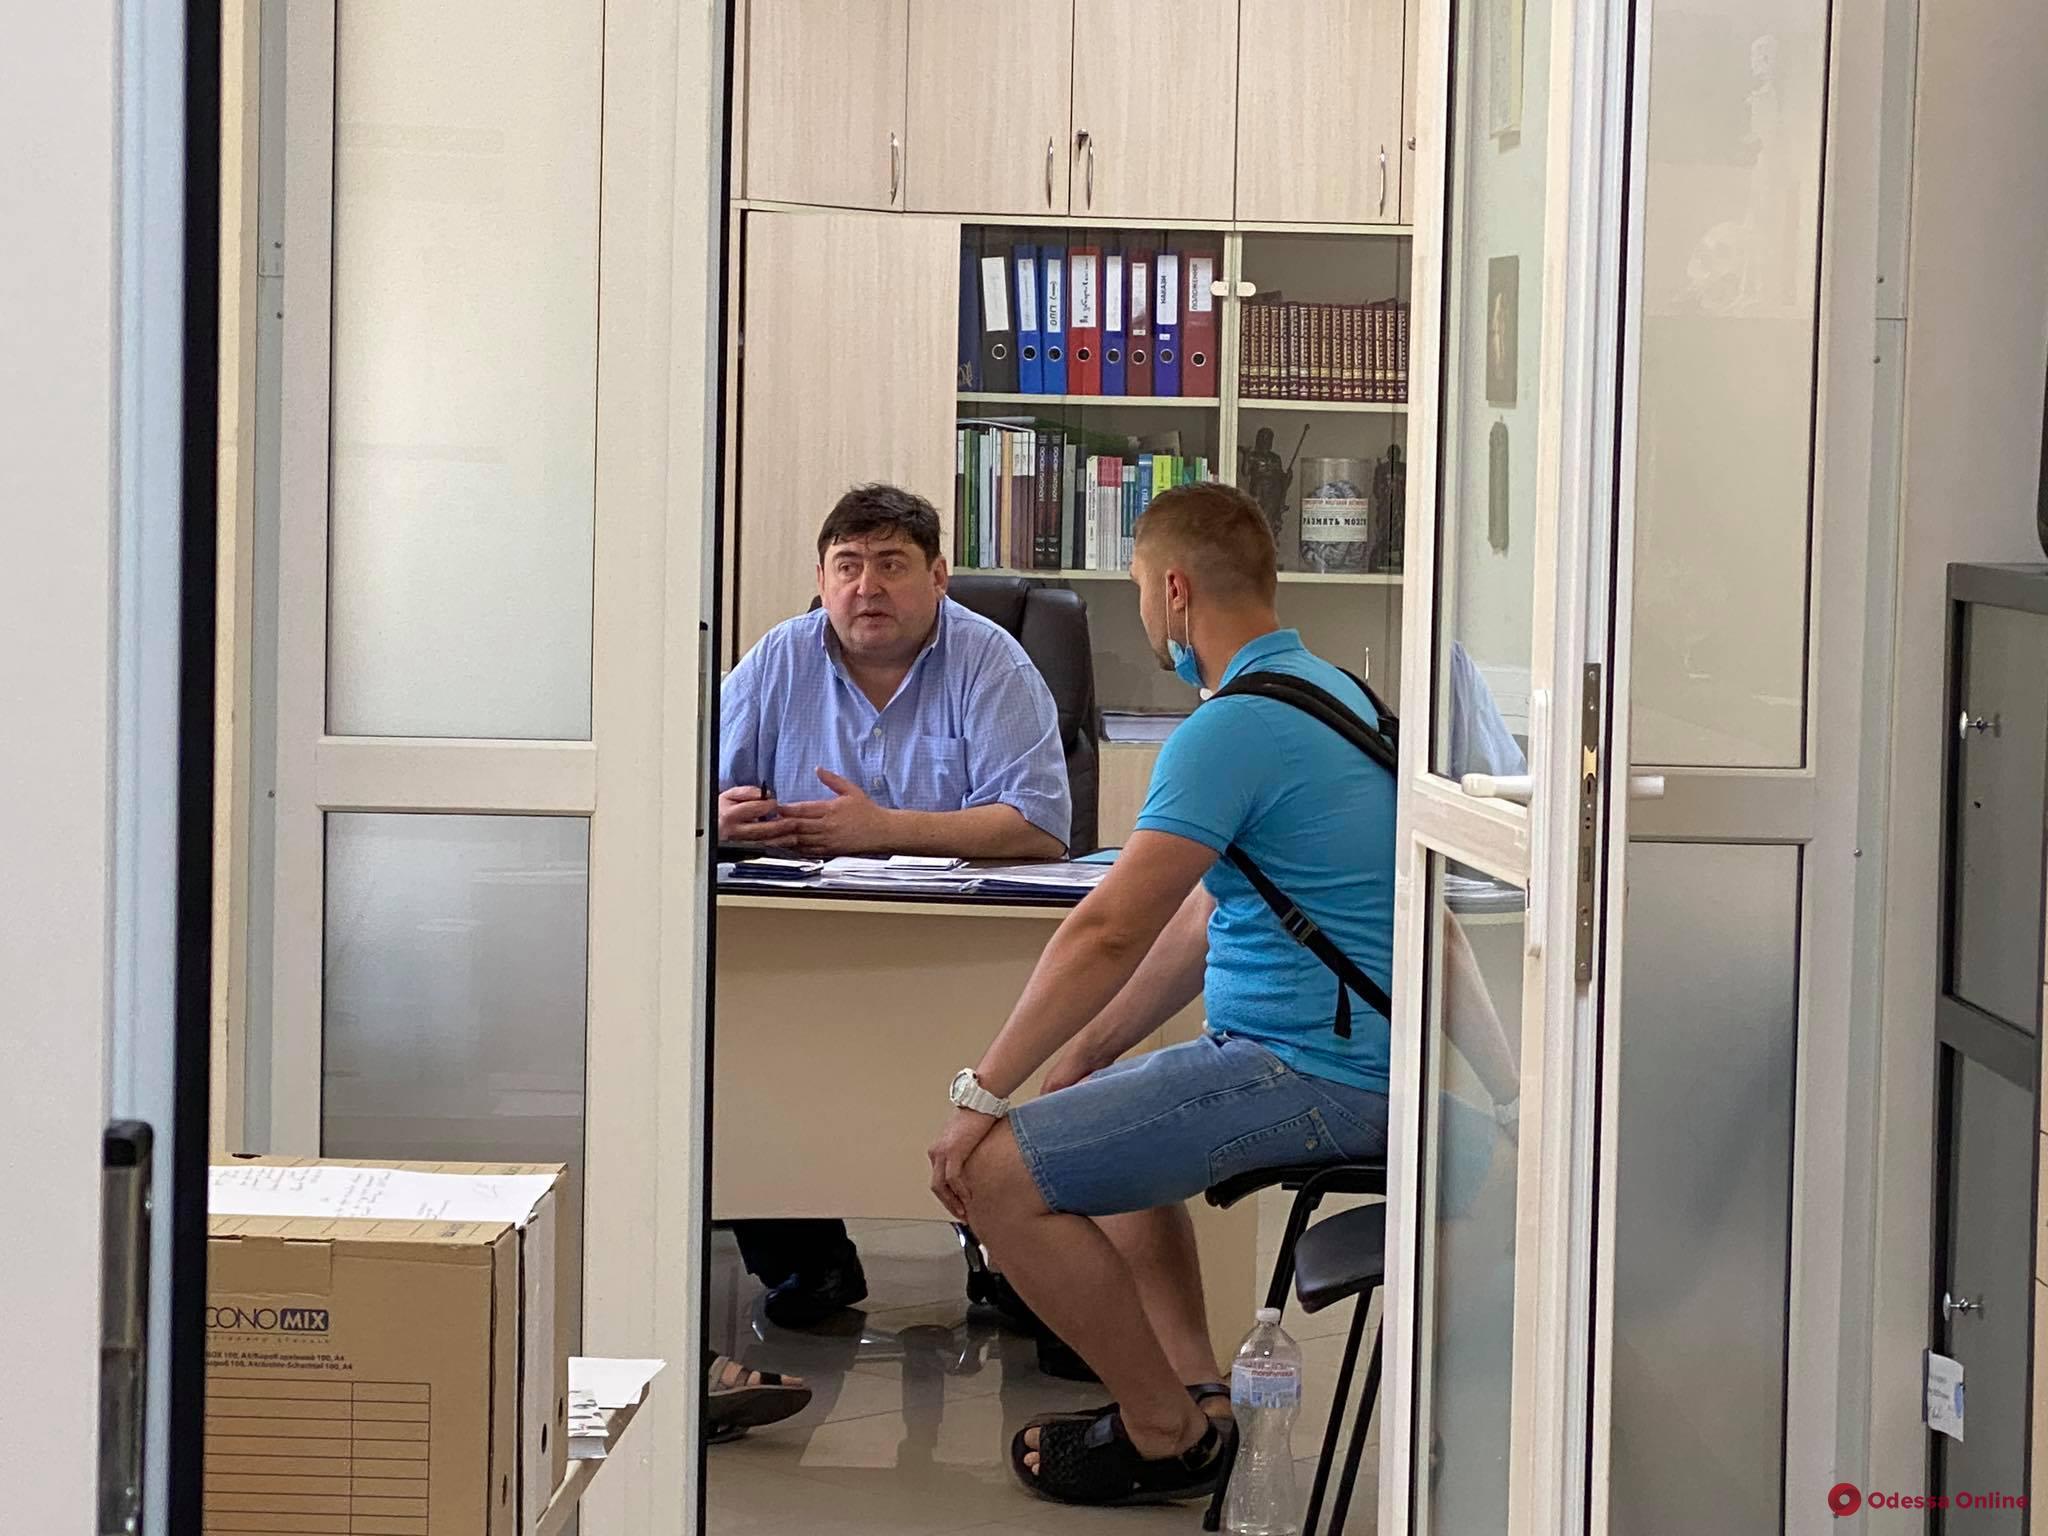 Не сдавшим «КРОК» иностранным студентам-медикам МГУ придется потратить несколько лет и тысяч долларов для получения диплома магистра